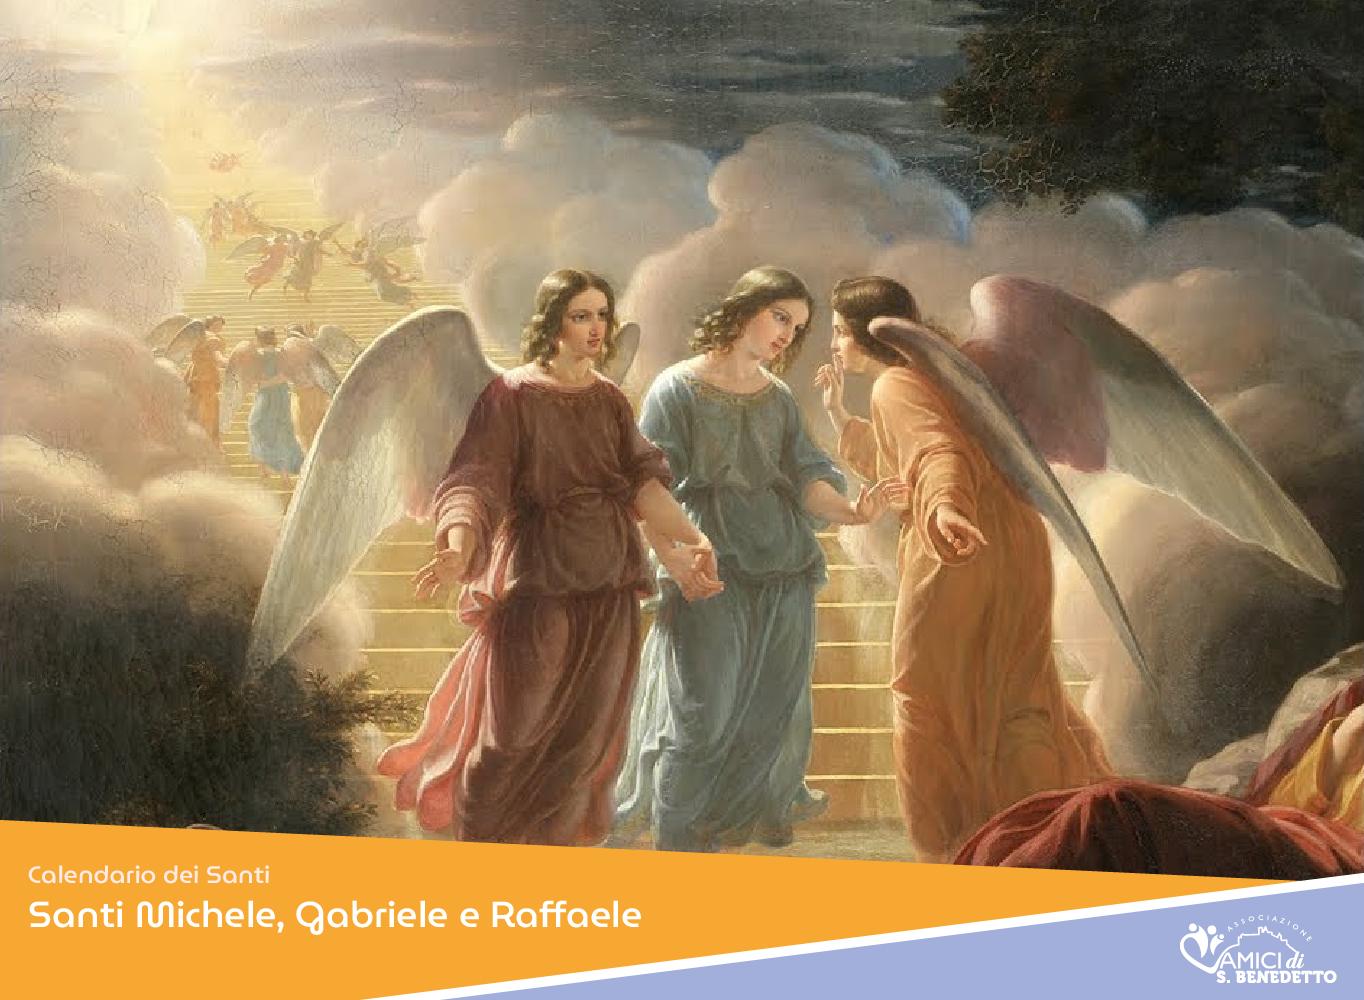 Santi Michele, Gabriele e Raffaele